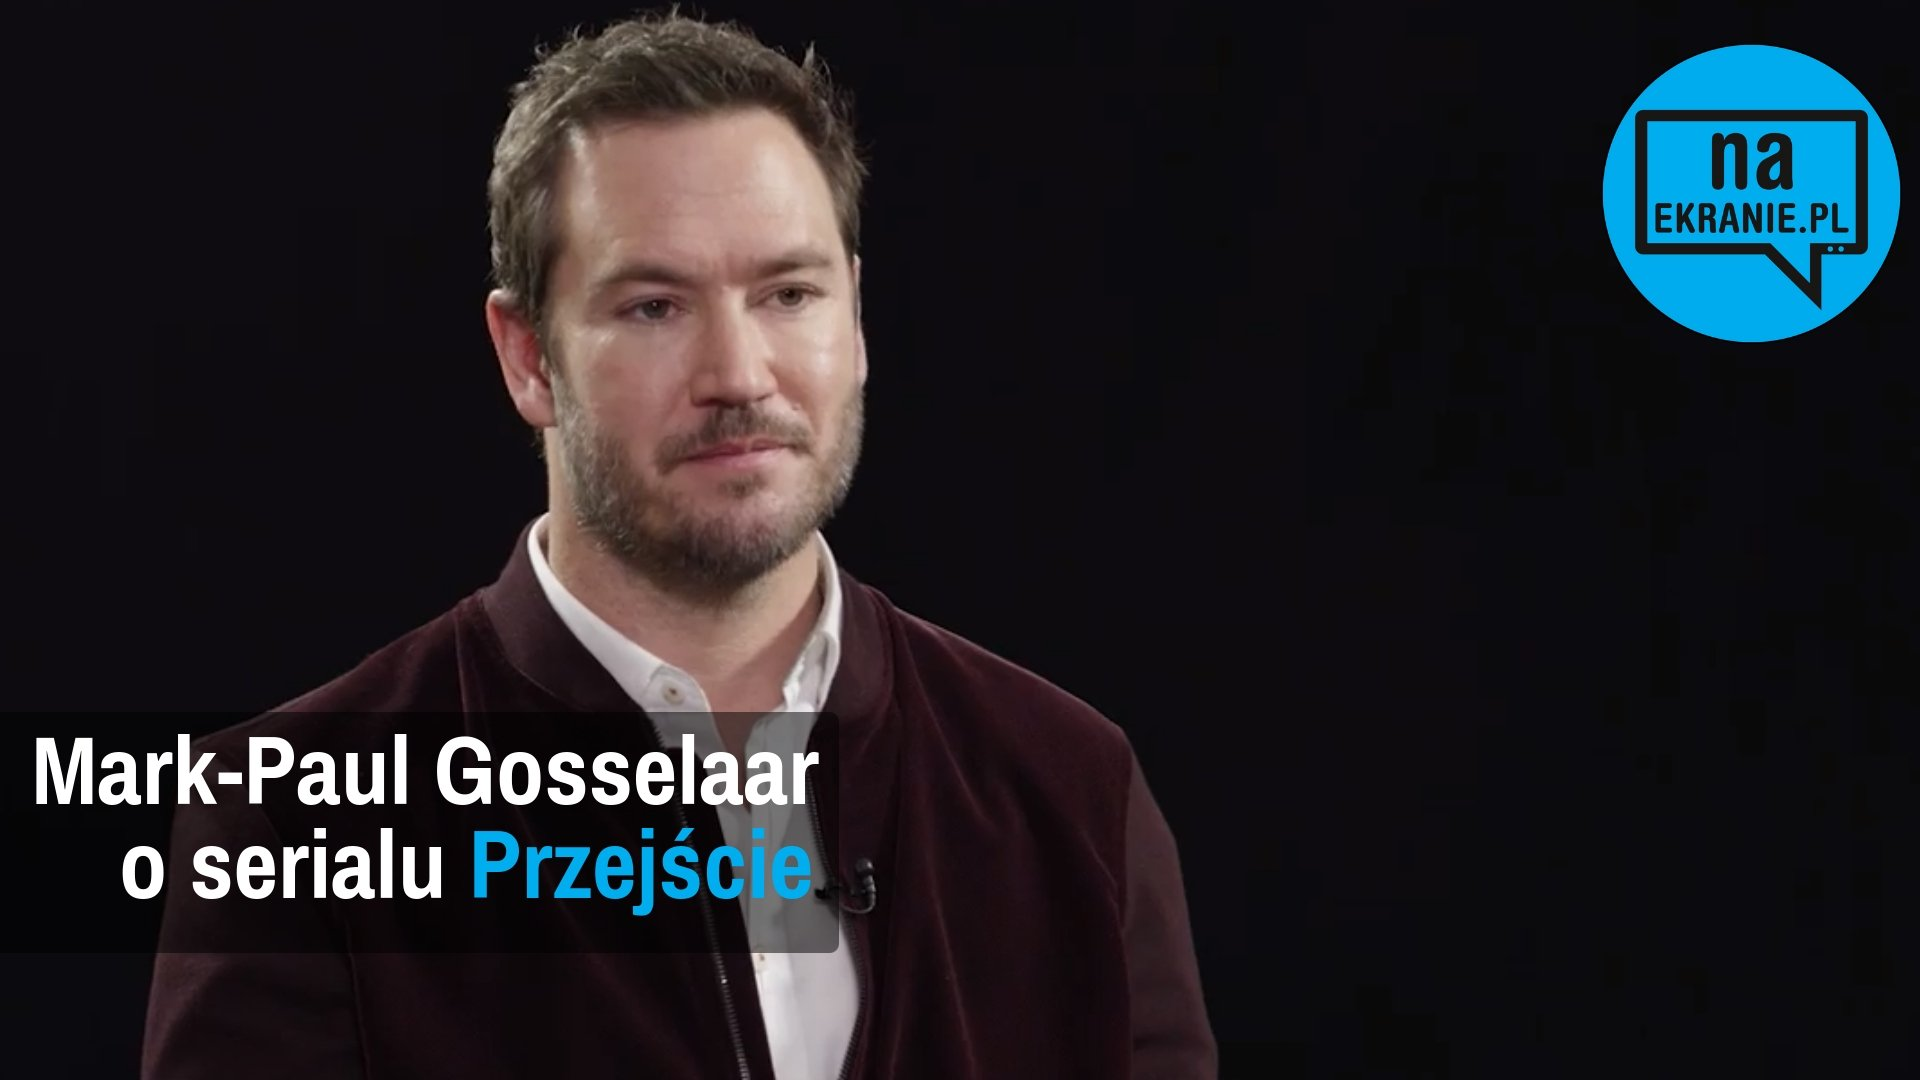 Mark-Paul Gosselaar opowiada o serialu Przejście [VIDEO WYWIAD]